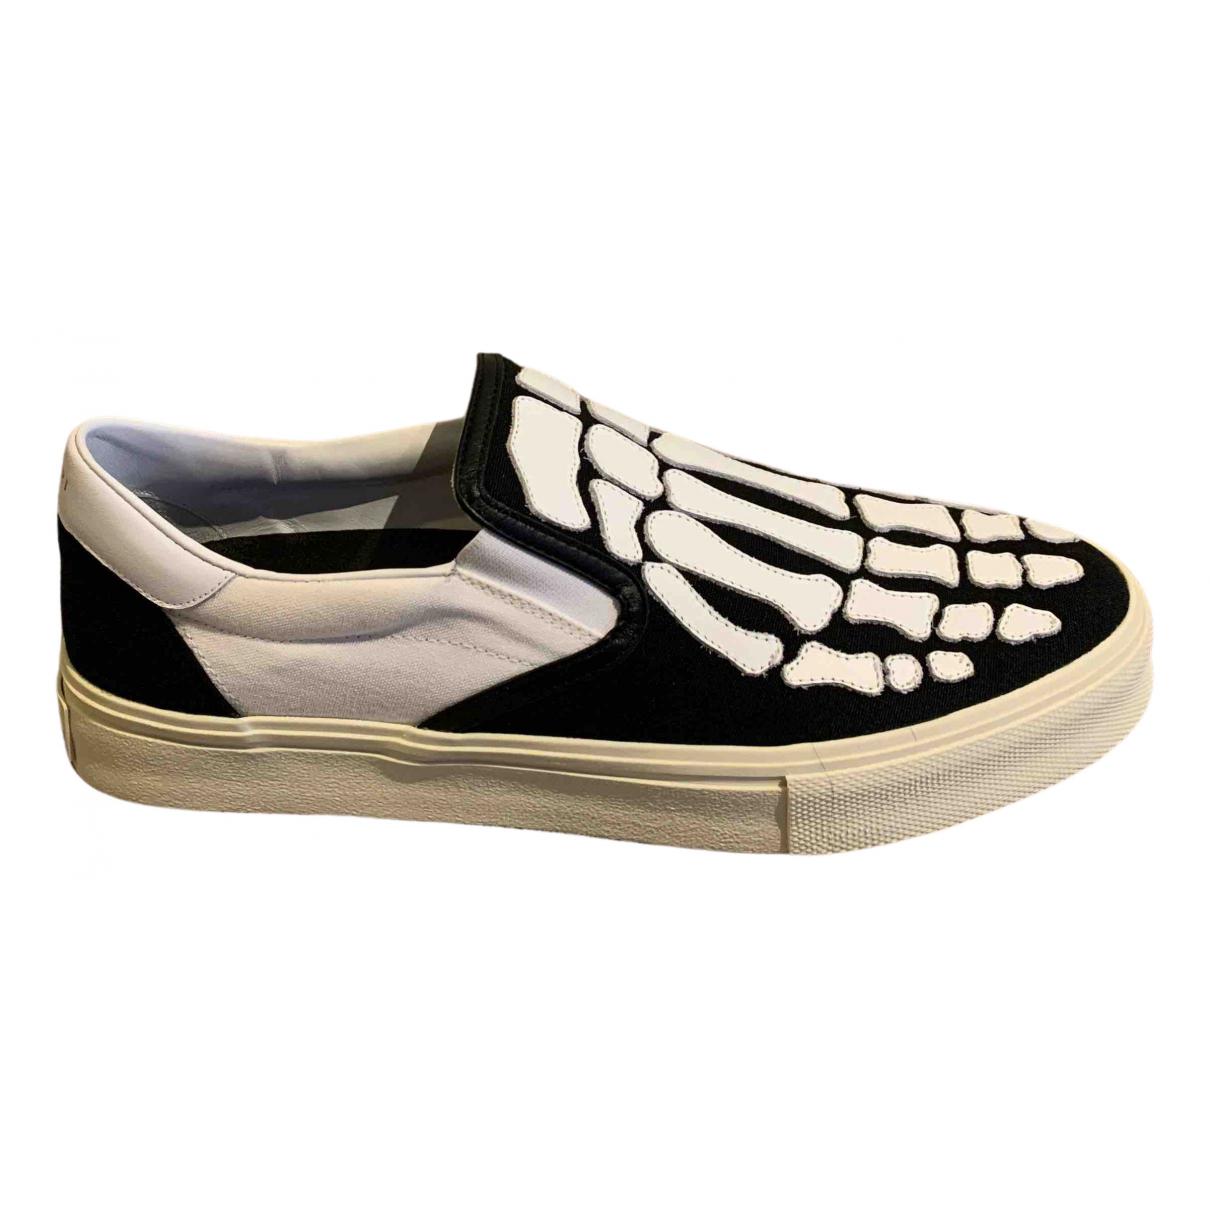 Amiri \N Sneakers in  Weiss Leinen